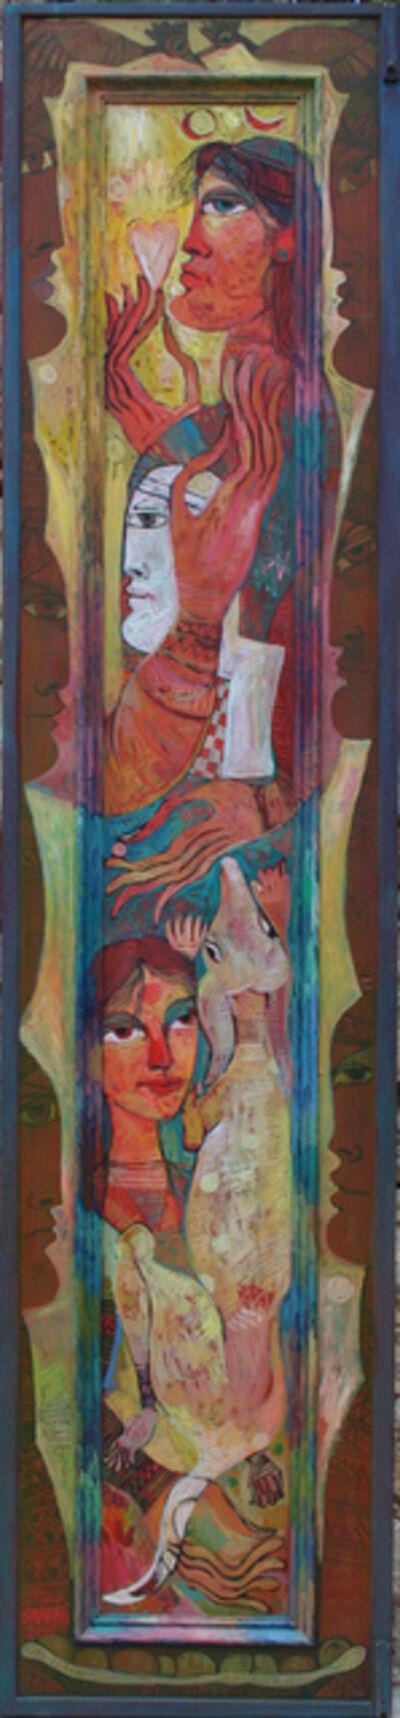 Saad Ali, 'Family 3 ', 2010